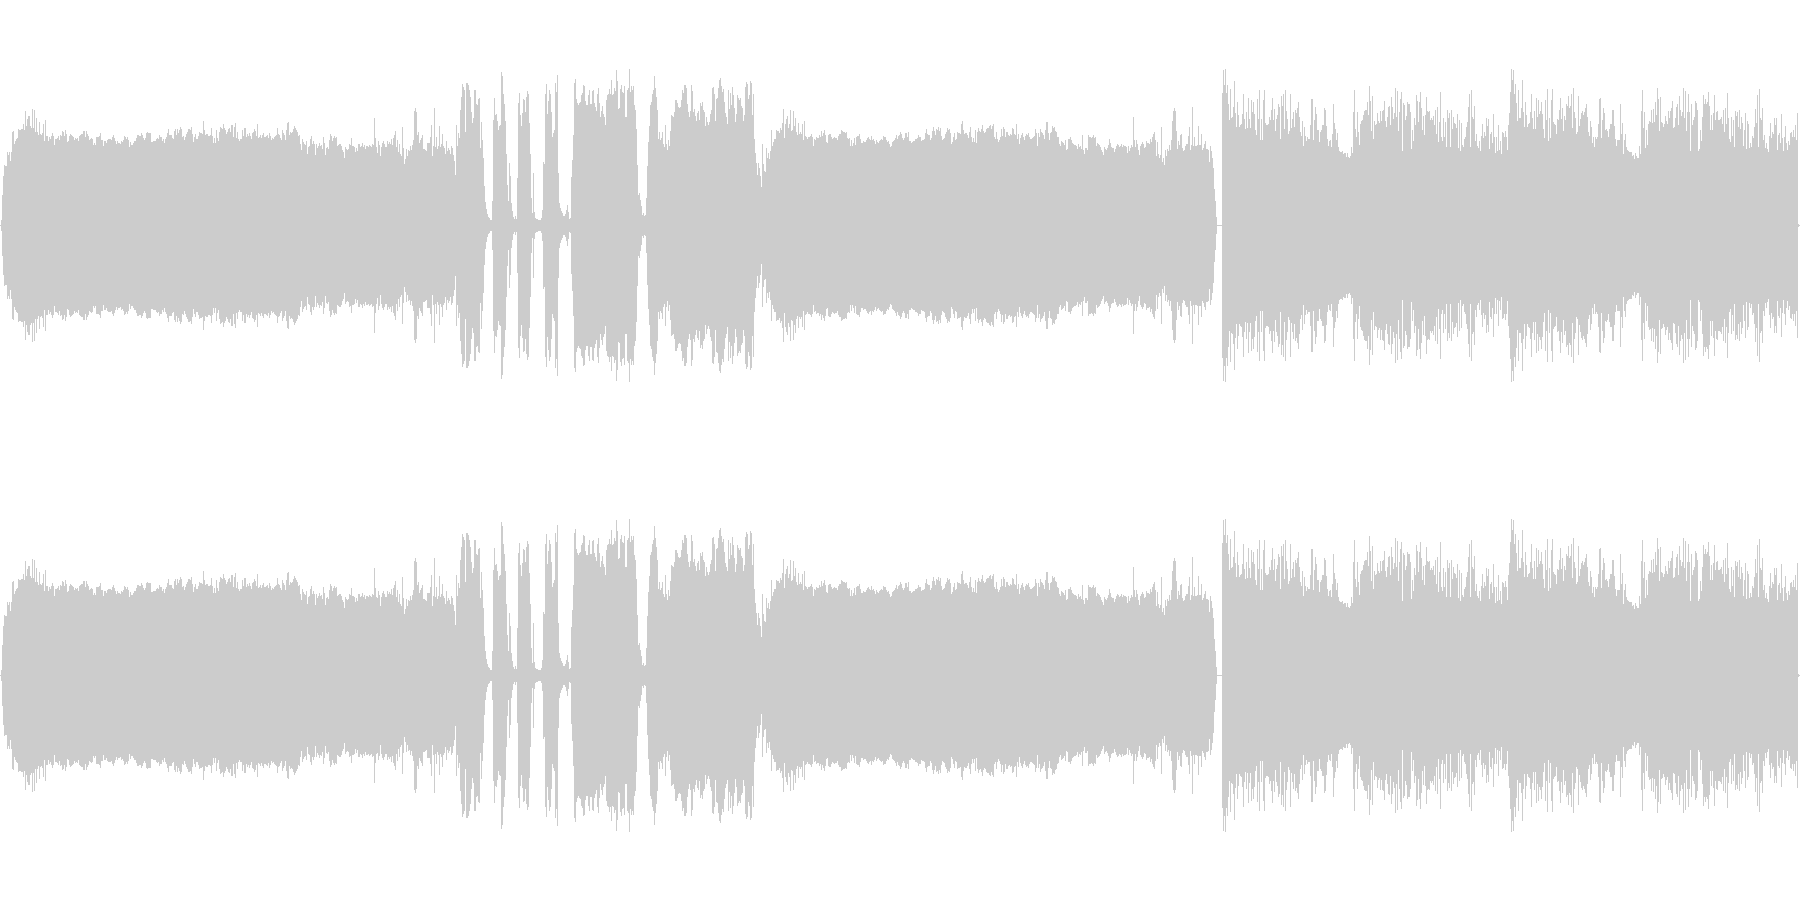 【映画ドラマBGMハードロックギター】の未再生の波形